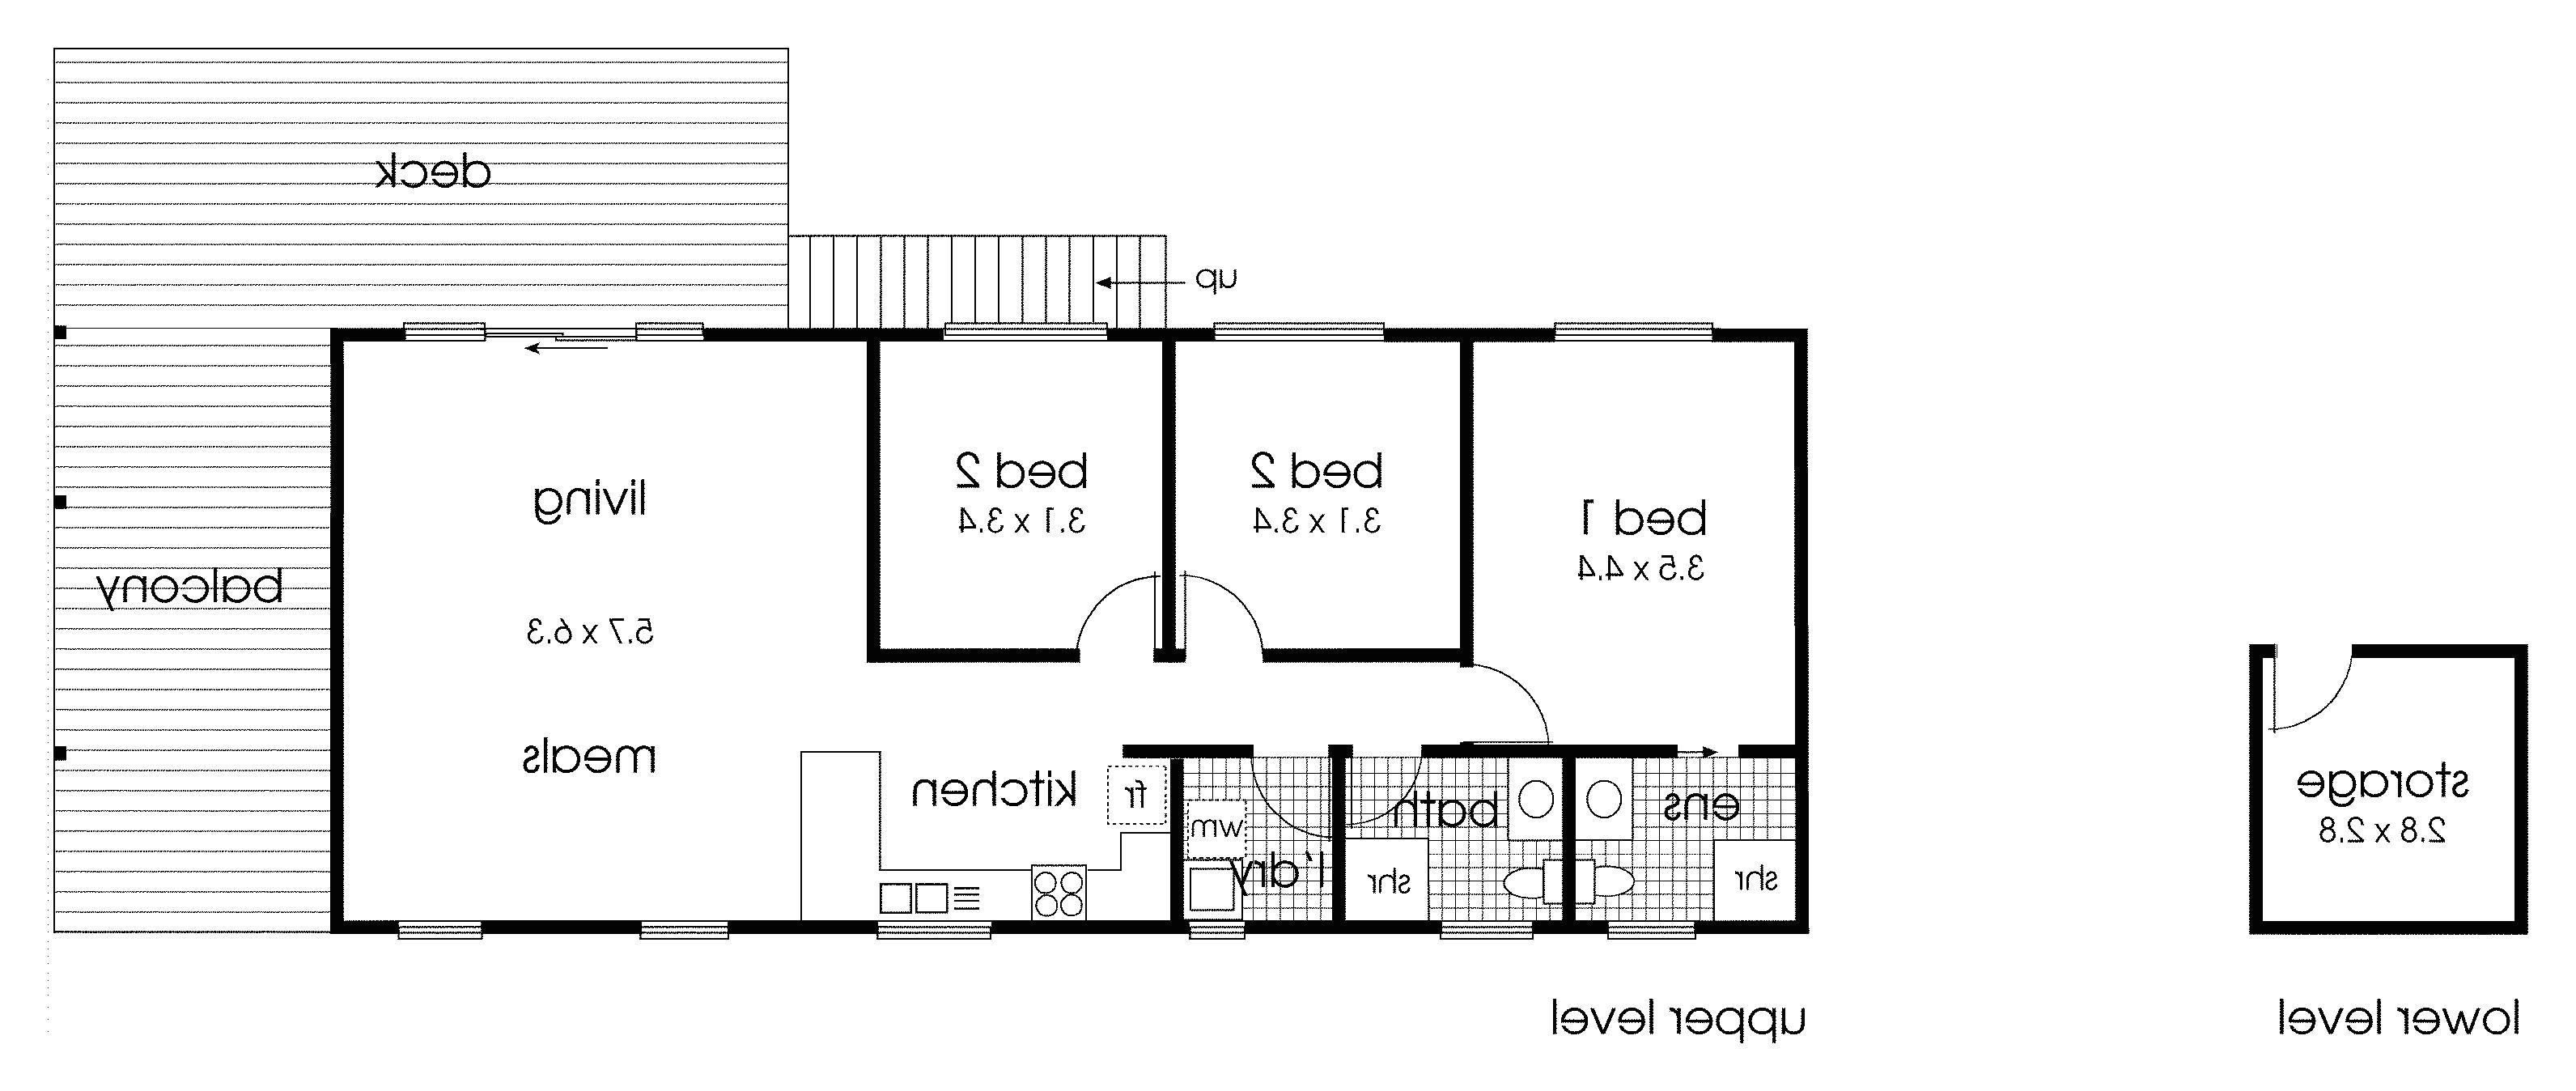 design floor plans fresh floor planners fresh draw up floor plans 0d